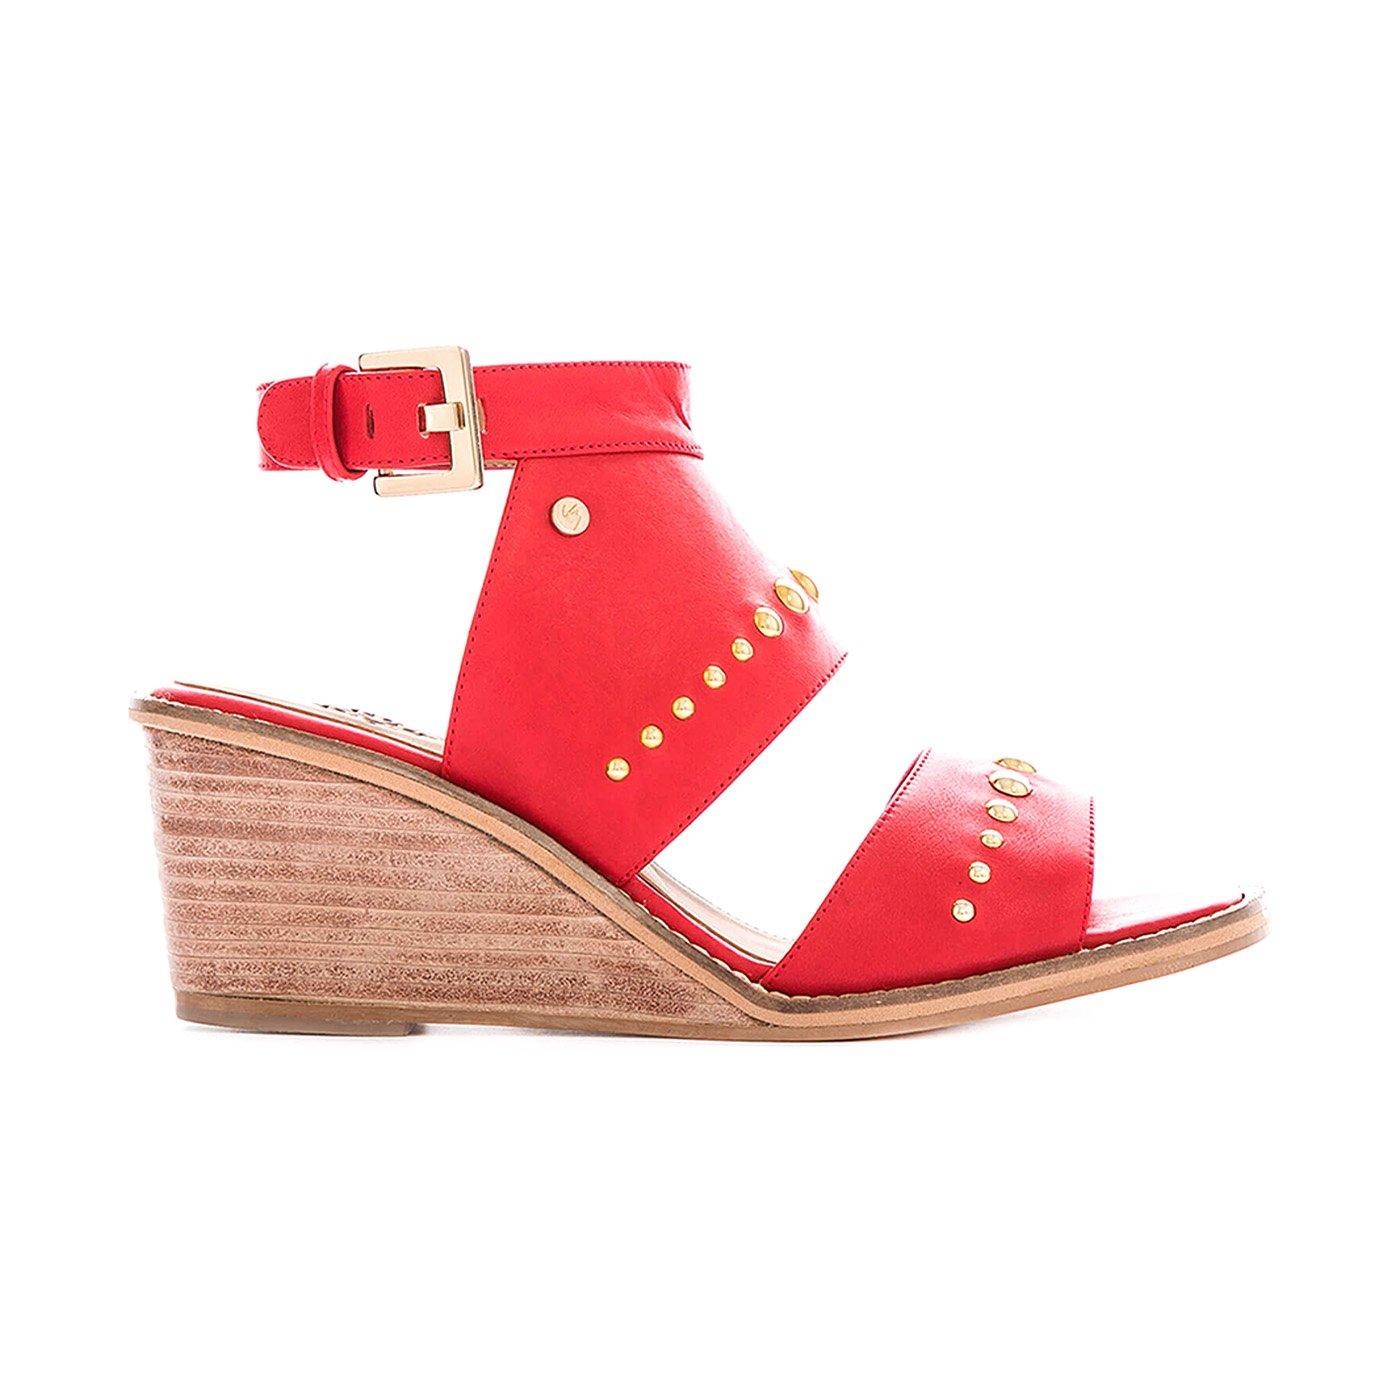 Amazon.com: VELEZ Women Genuine Colombian Leather Platform Sandals | Sandalias de Cuero: Shoes